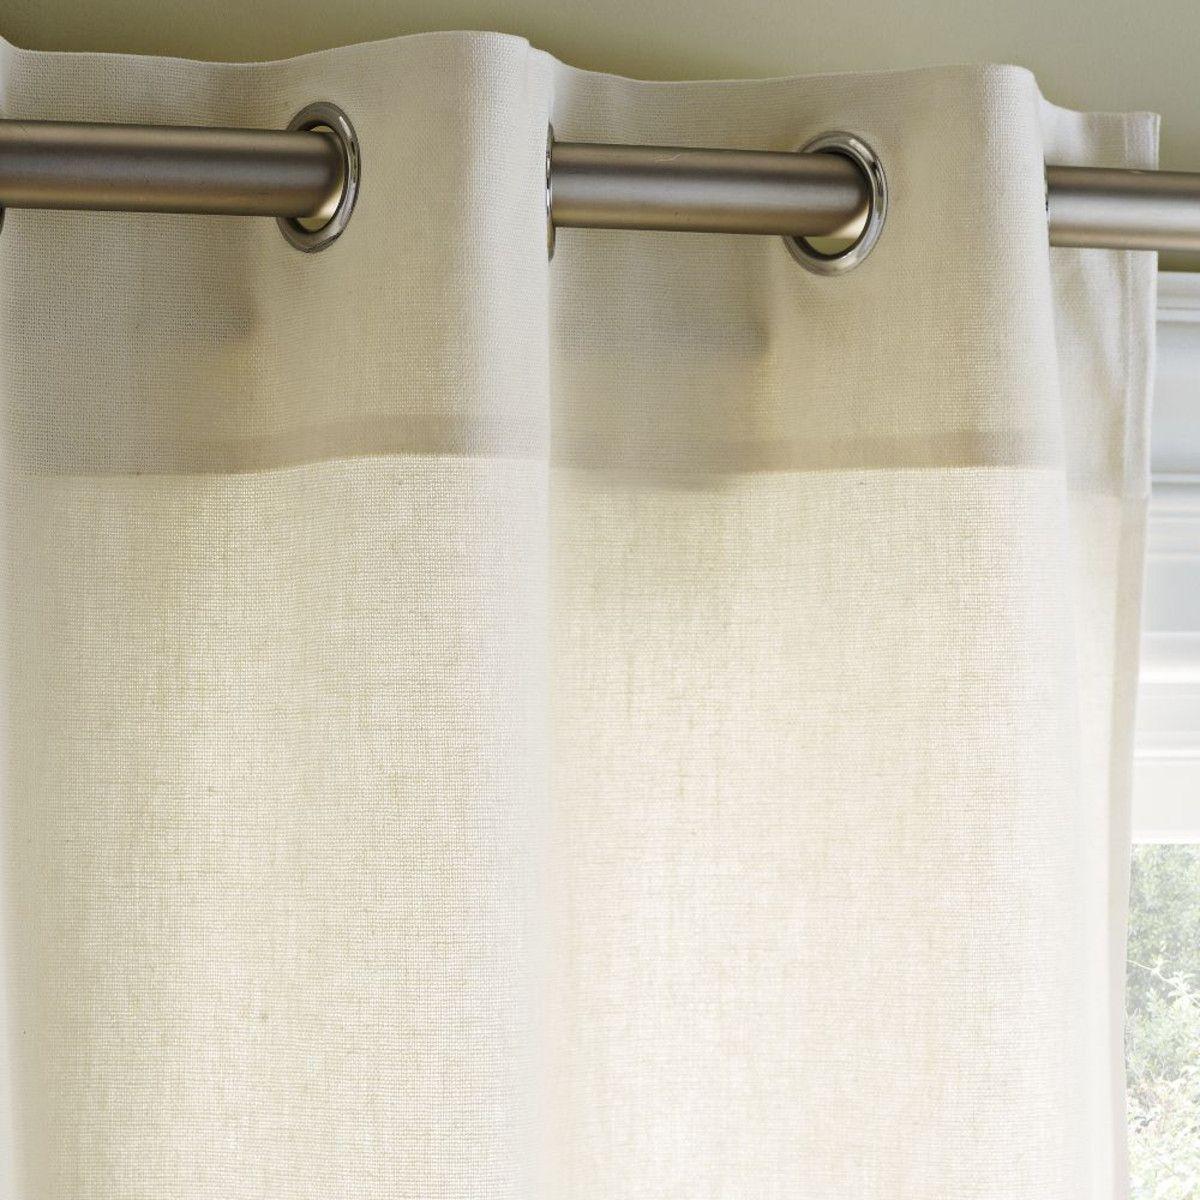 Linen Cotton Grommet Curtain - Ivory